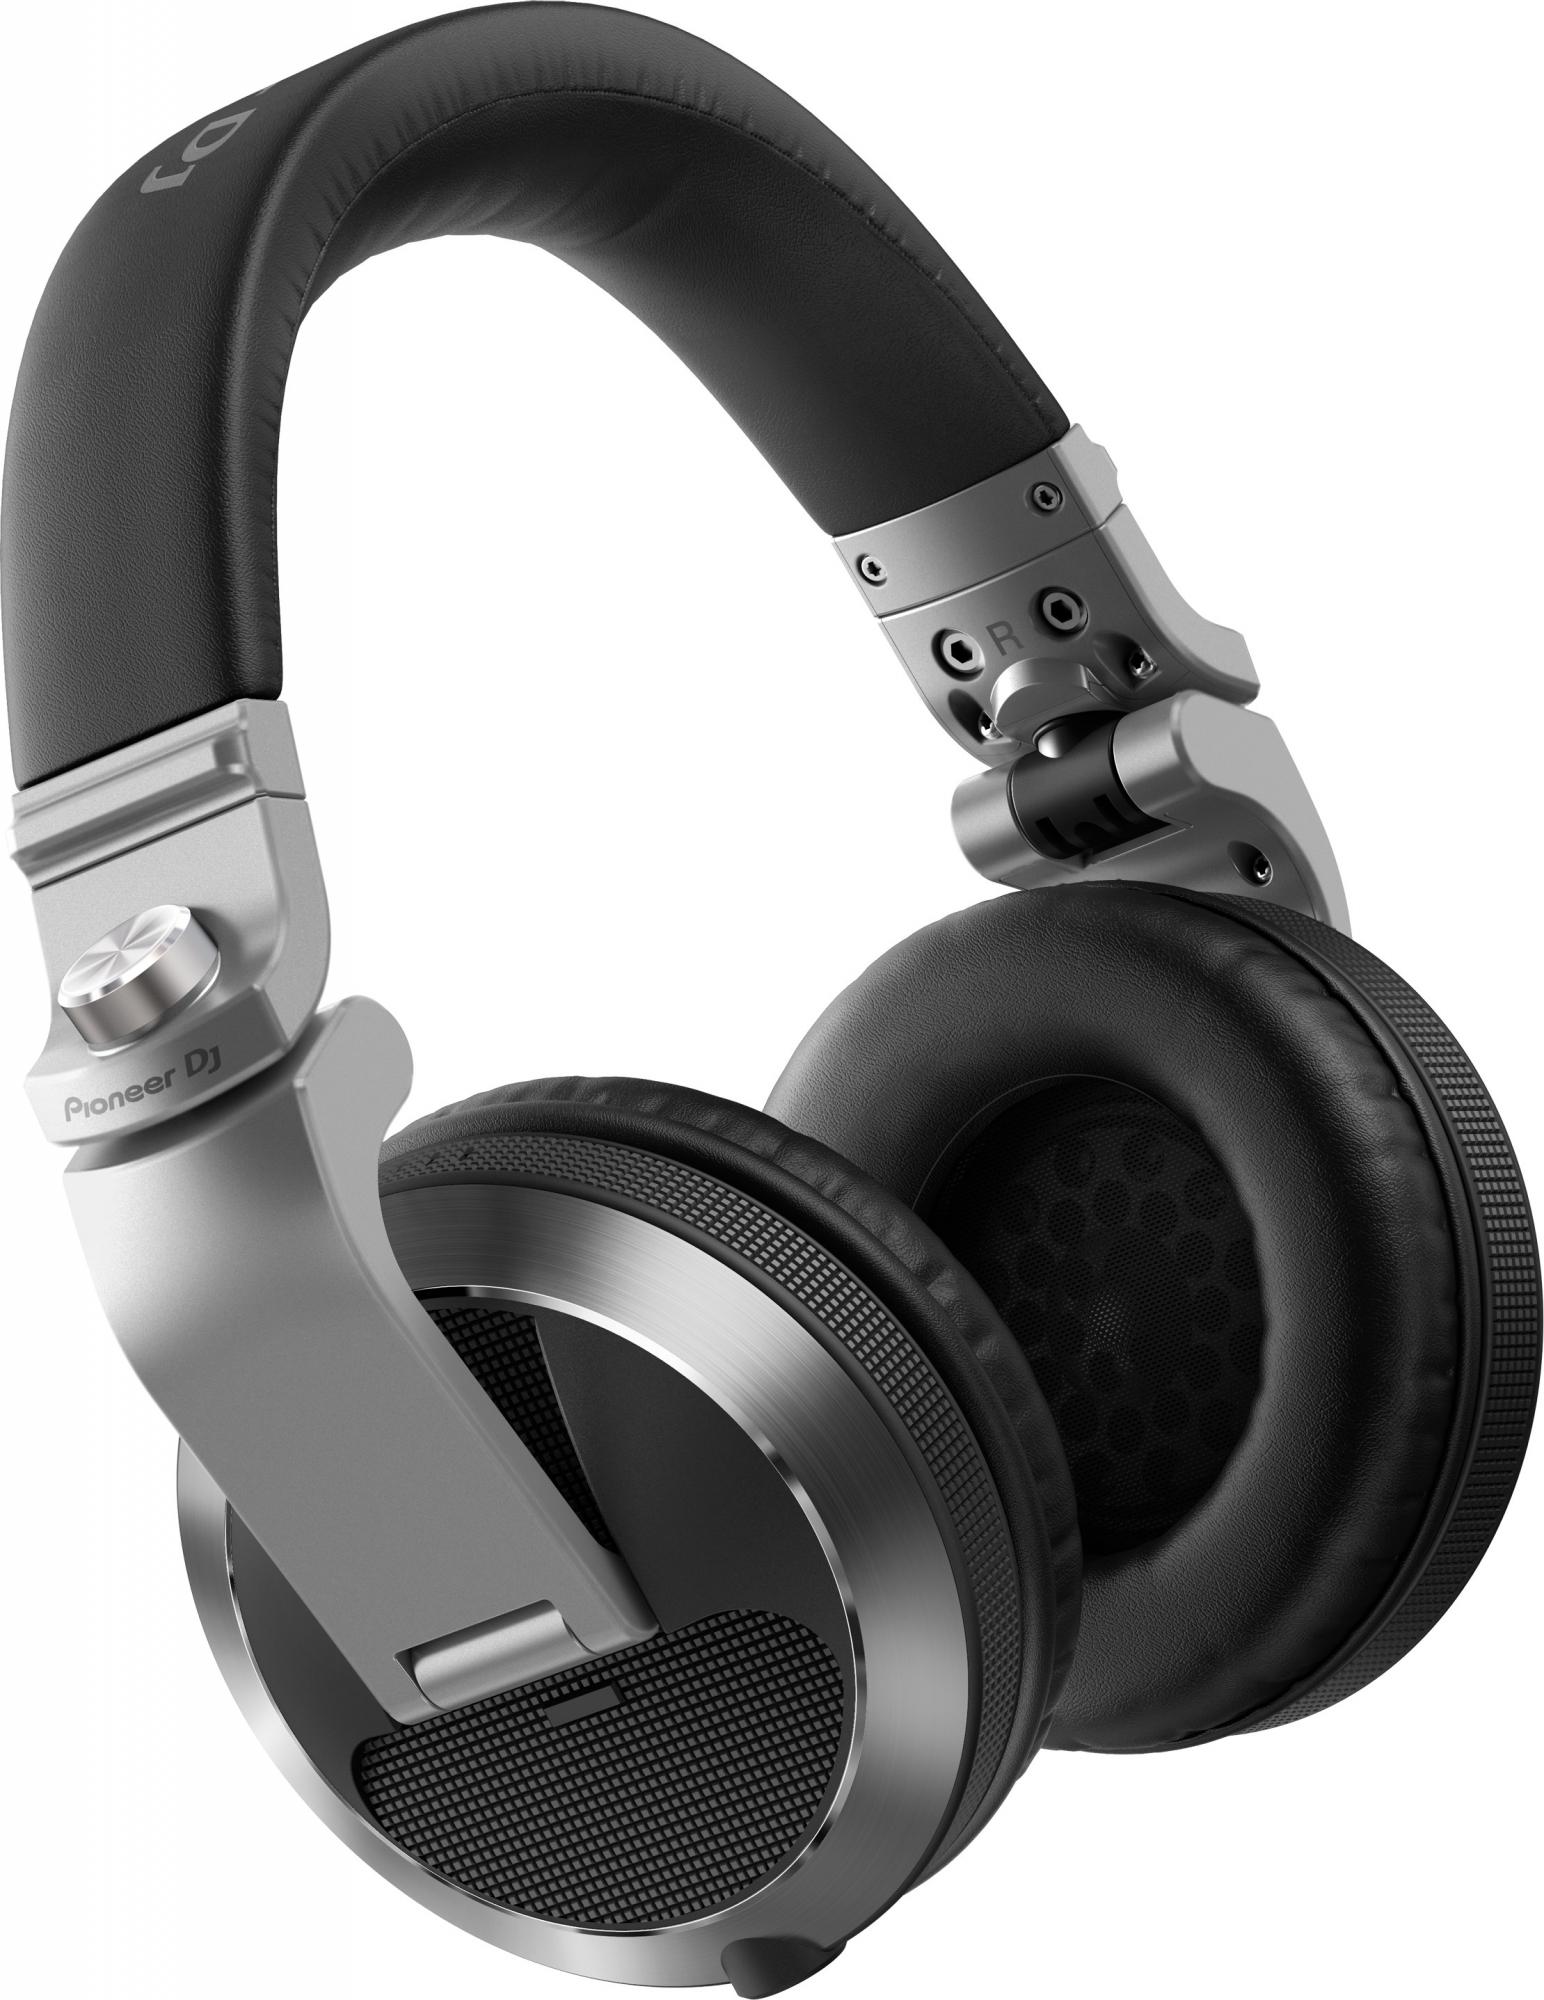 Image of   Pioneer HDJ-X7 DJ hovedtelefon Sølv